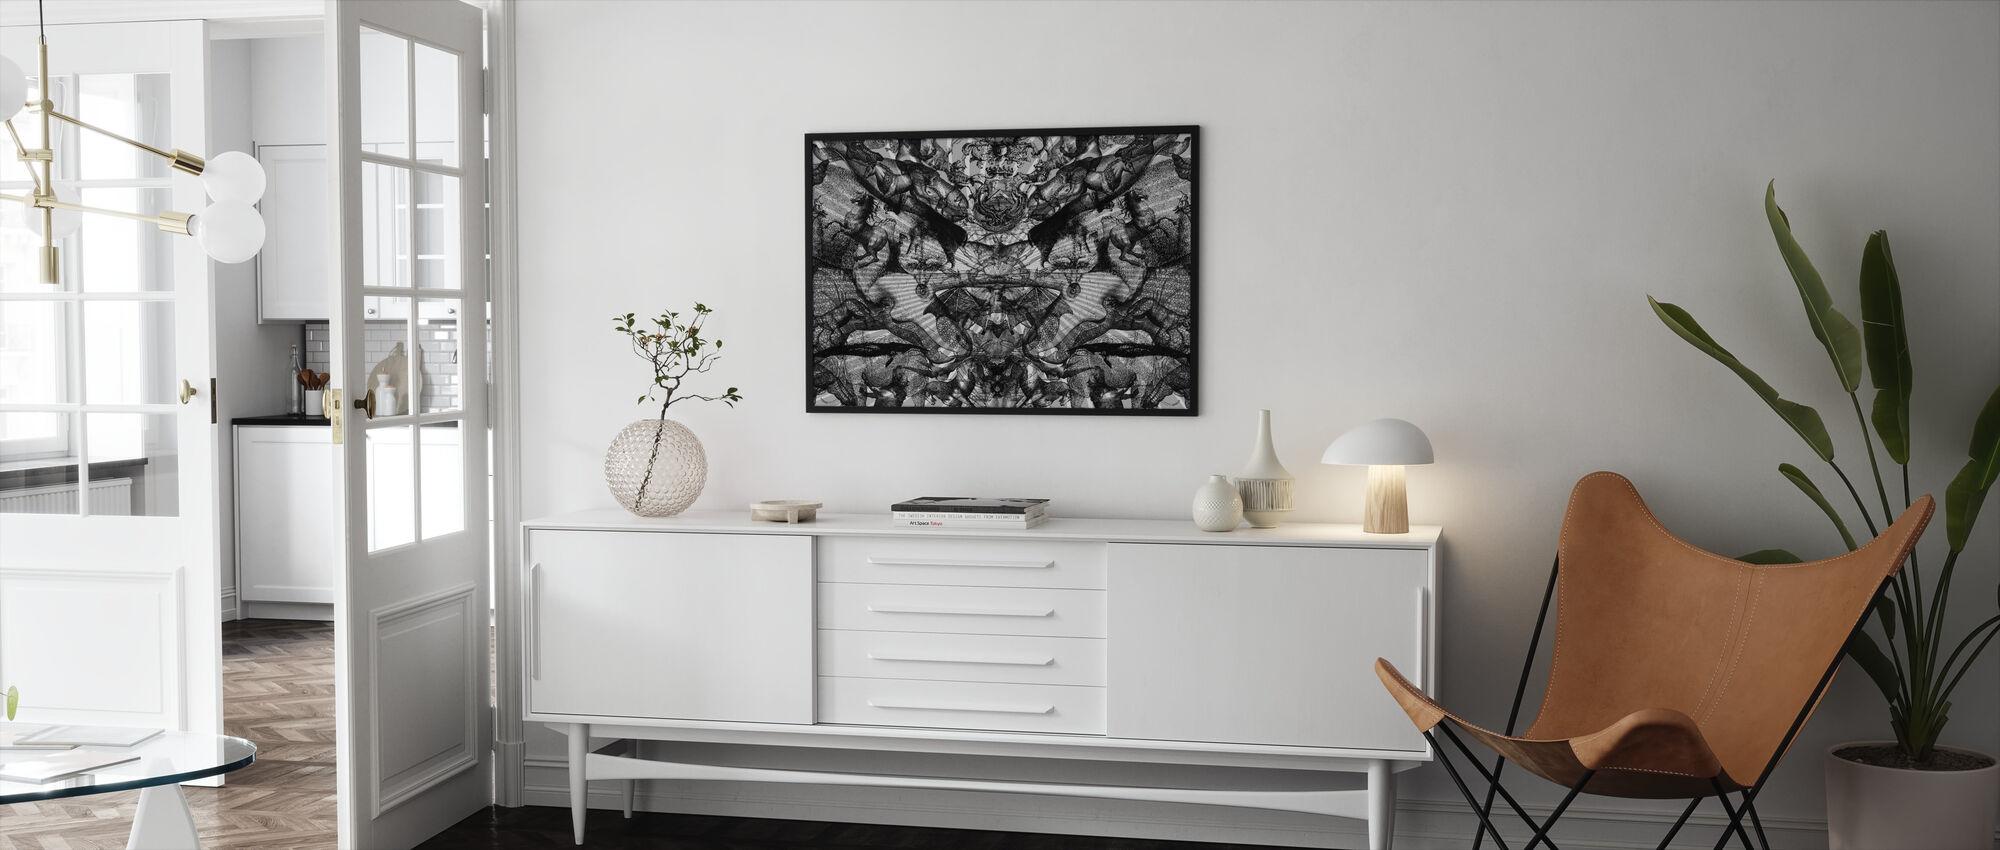 Horschach Circus - Framed print - Living Room